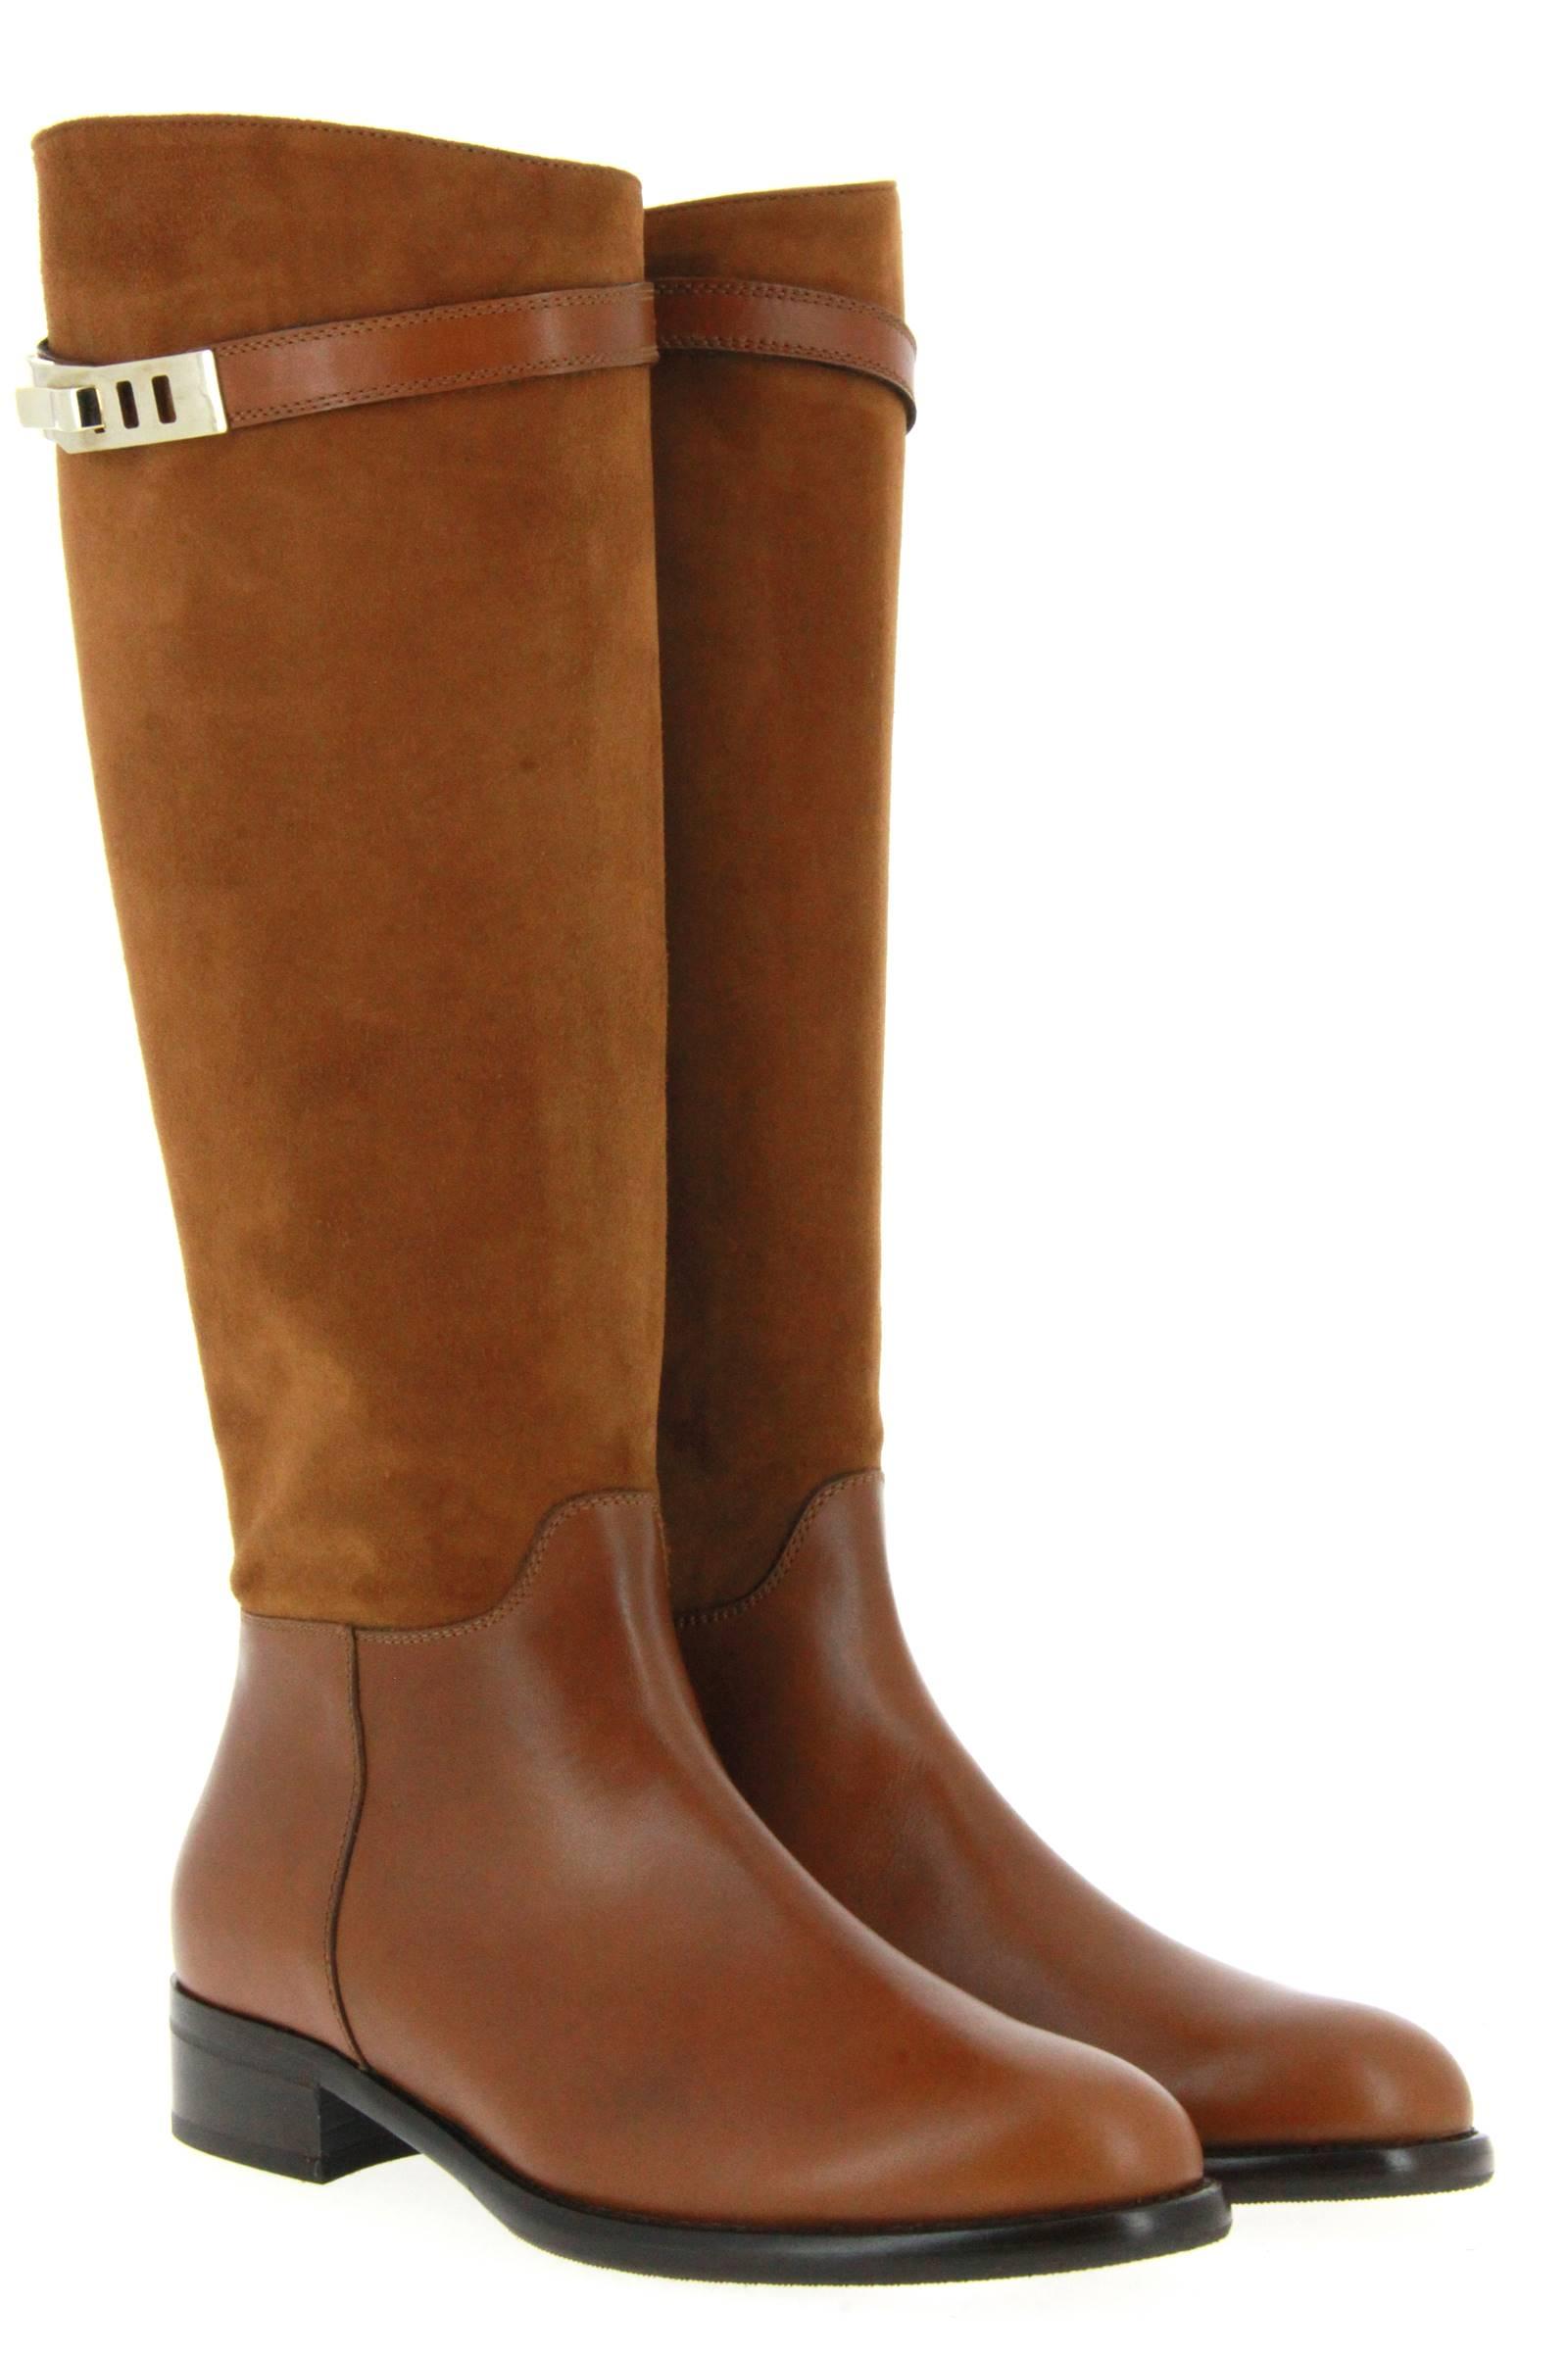 Maretto boots COGNAC CAMOSCIO